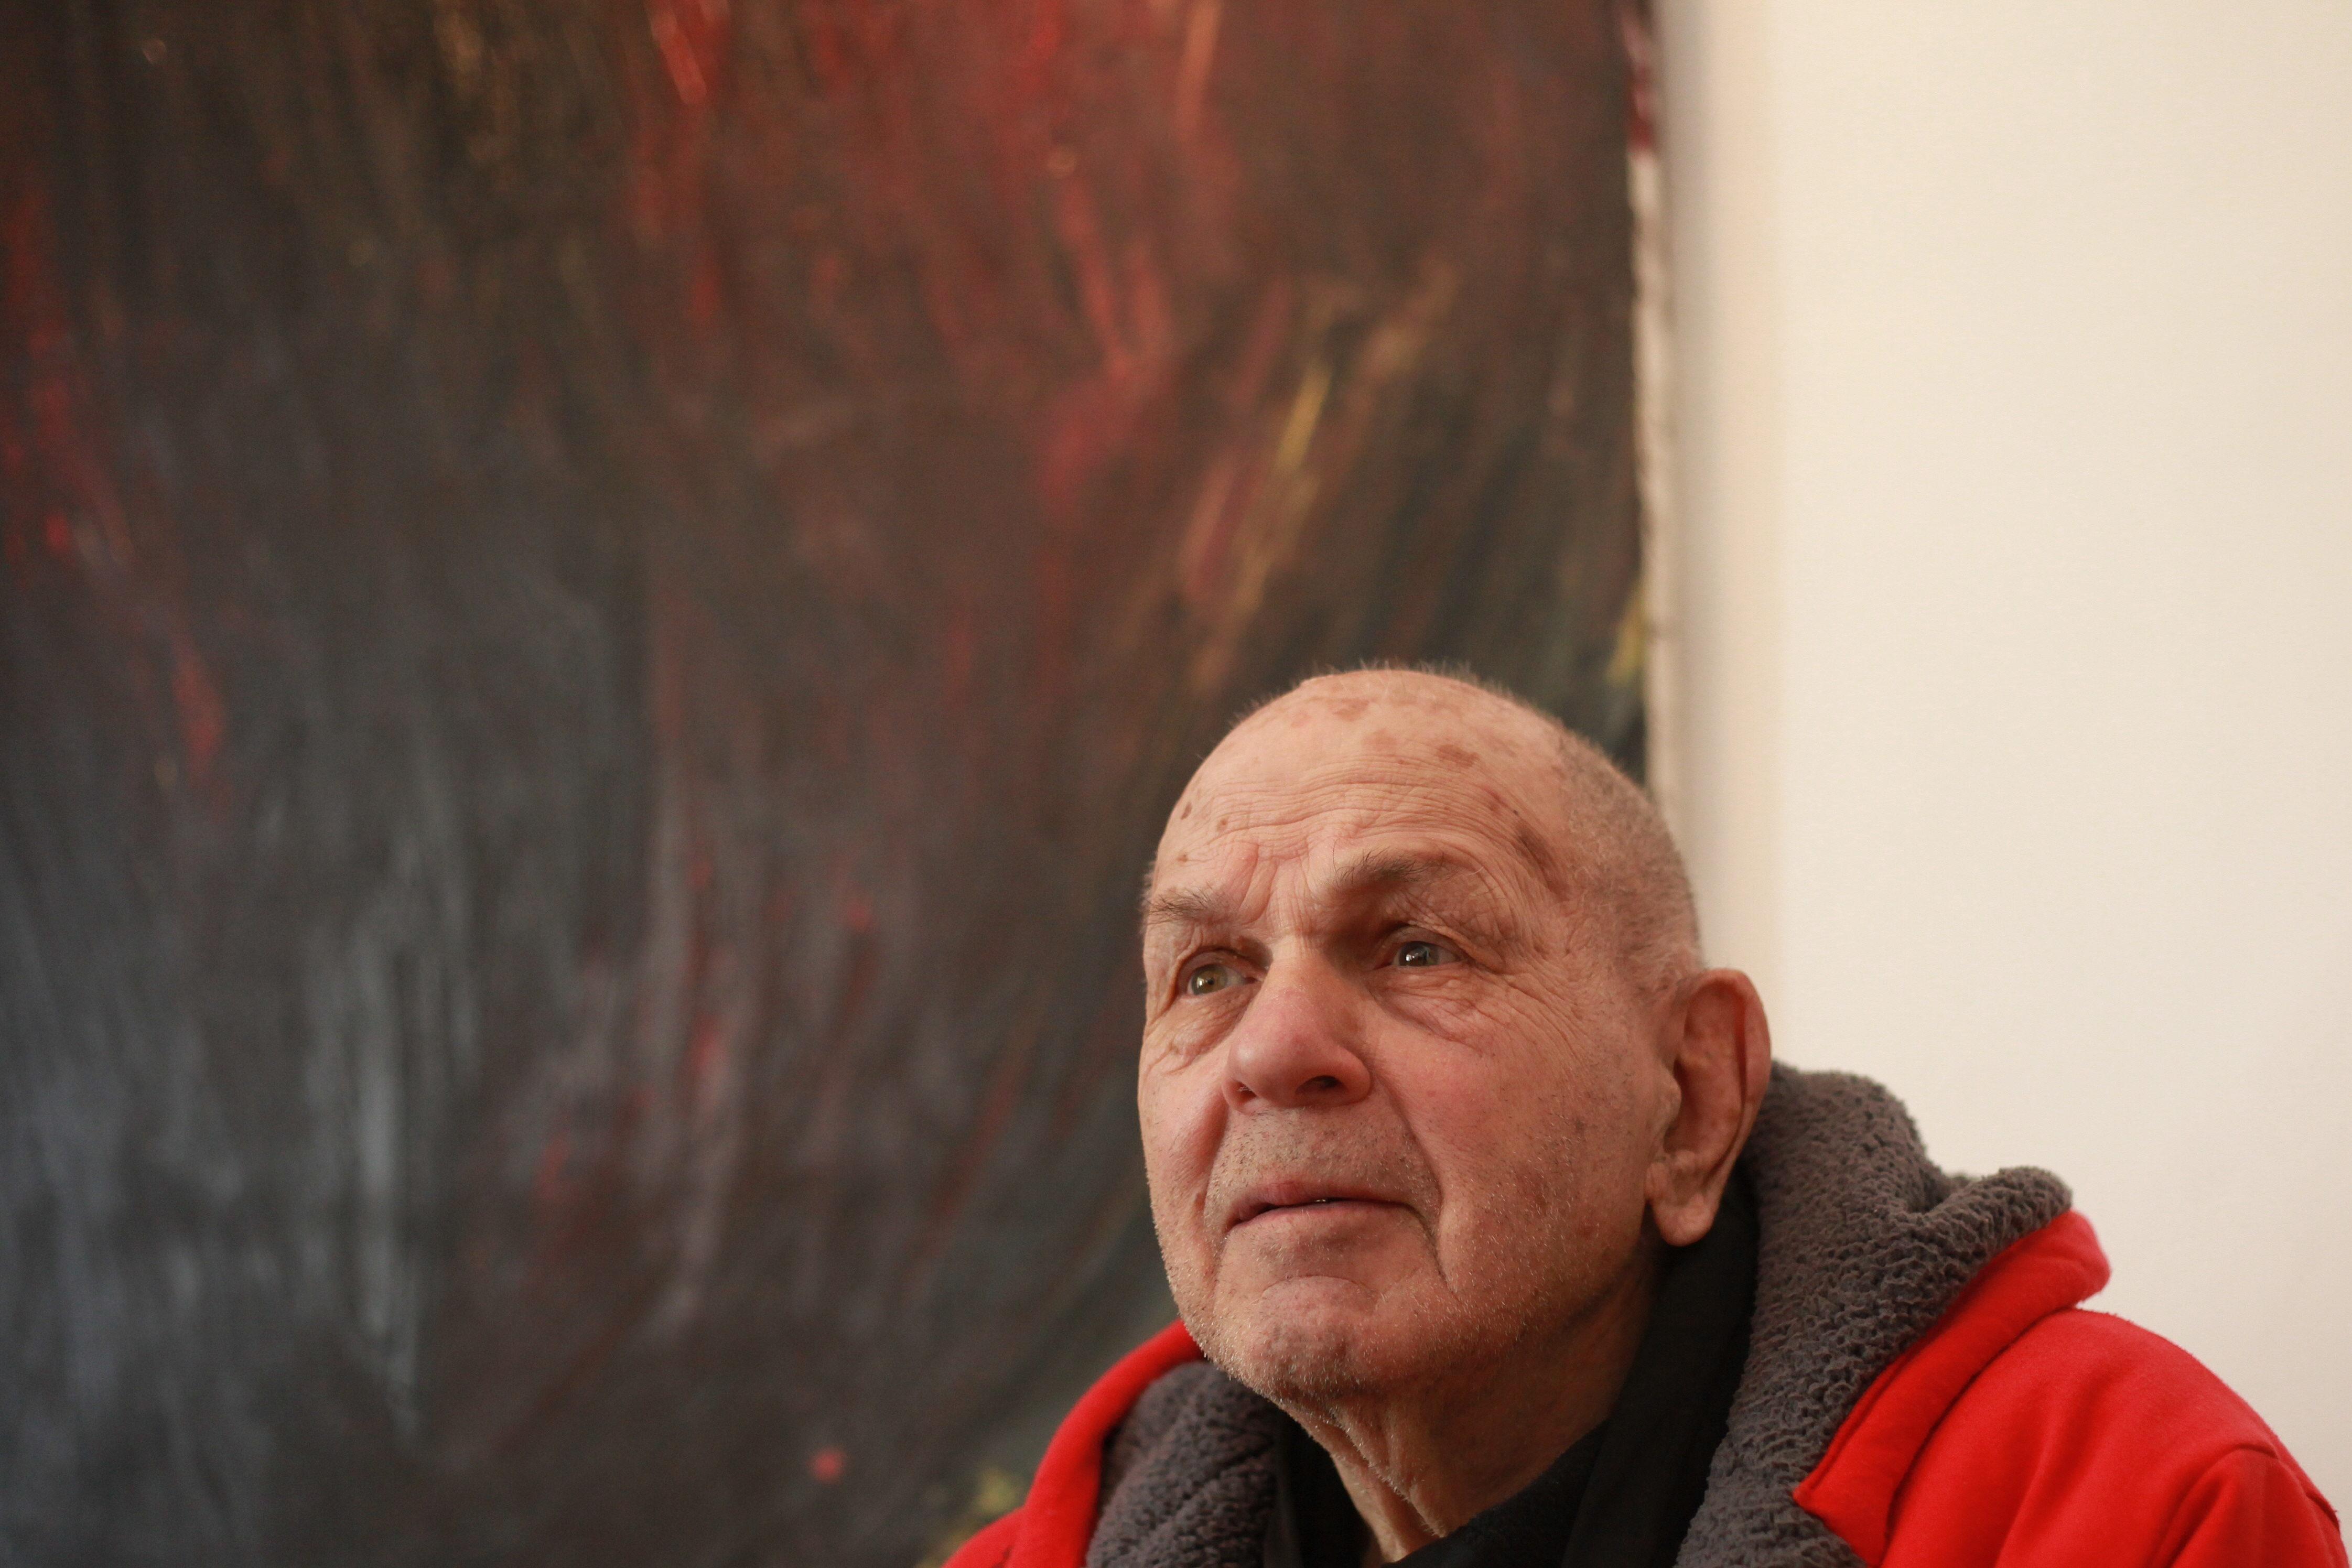 ARTISTA PHILIP BRAGAR ELOGIA EN SUS 90 AÑOS EL PAISAJE FANTÁSTICO DE MÉXICO